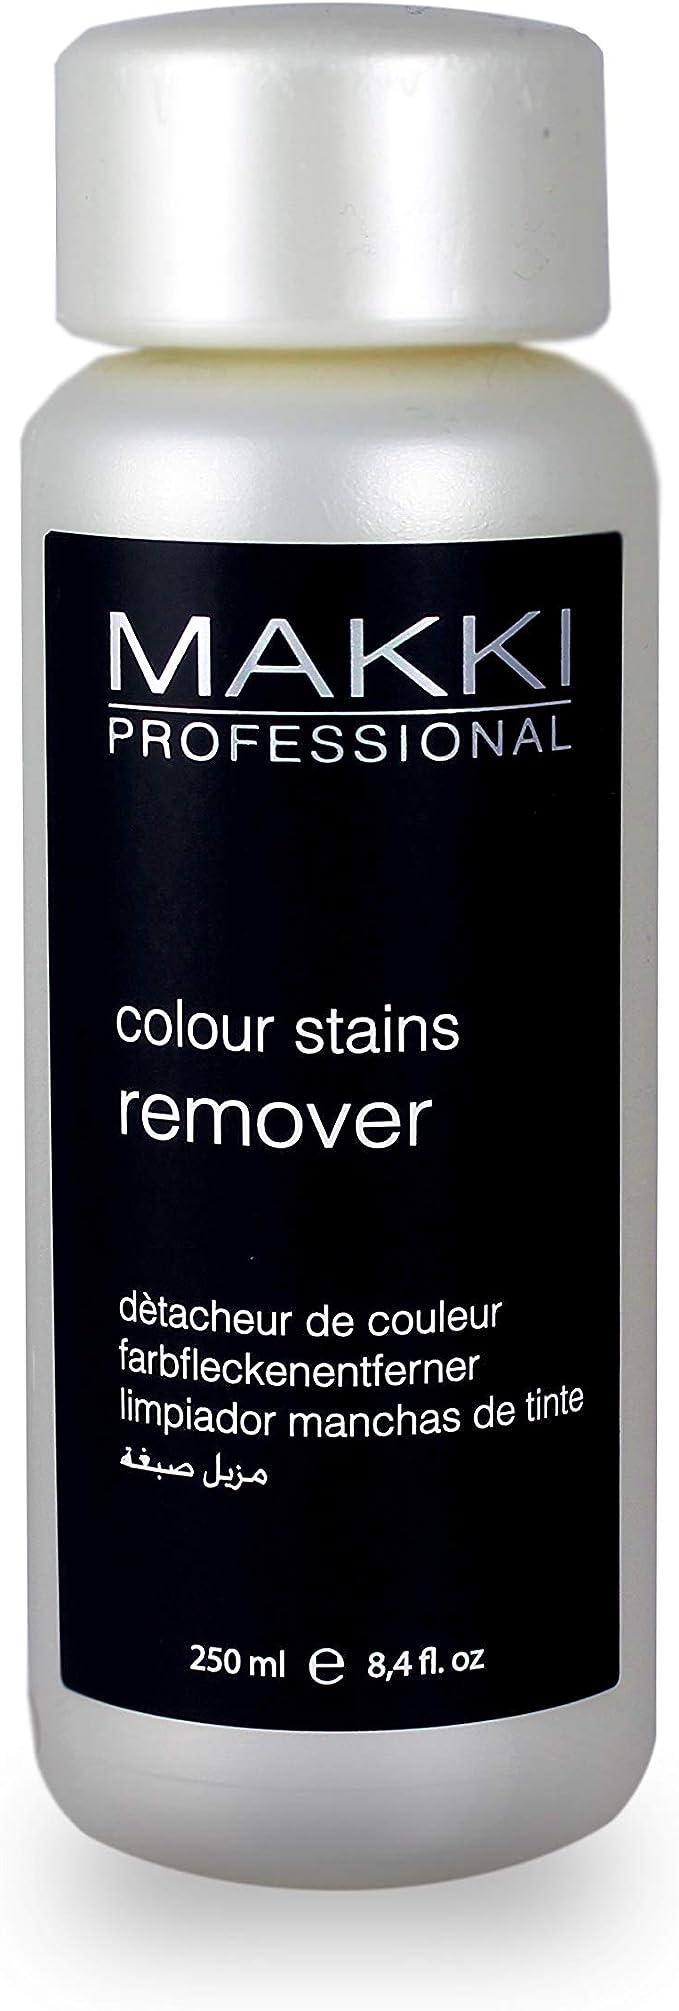 MAKKI Limpiador de tintes, colorantes, colorantes, manchas y manchas para la piel y las manos de la cara, orejas, 250 ml